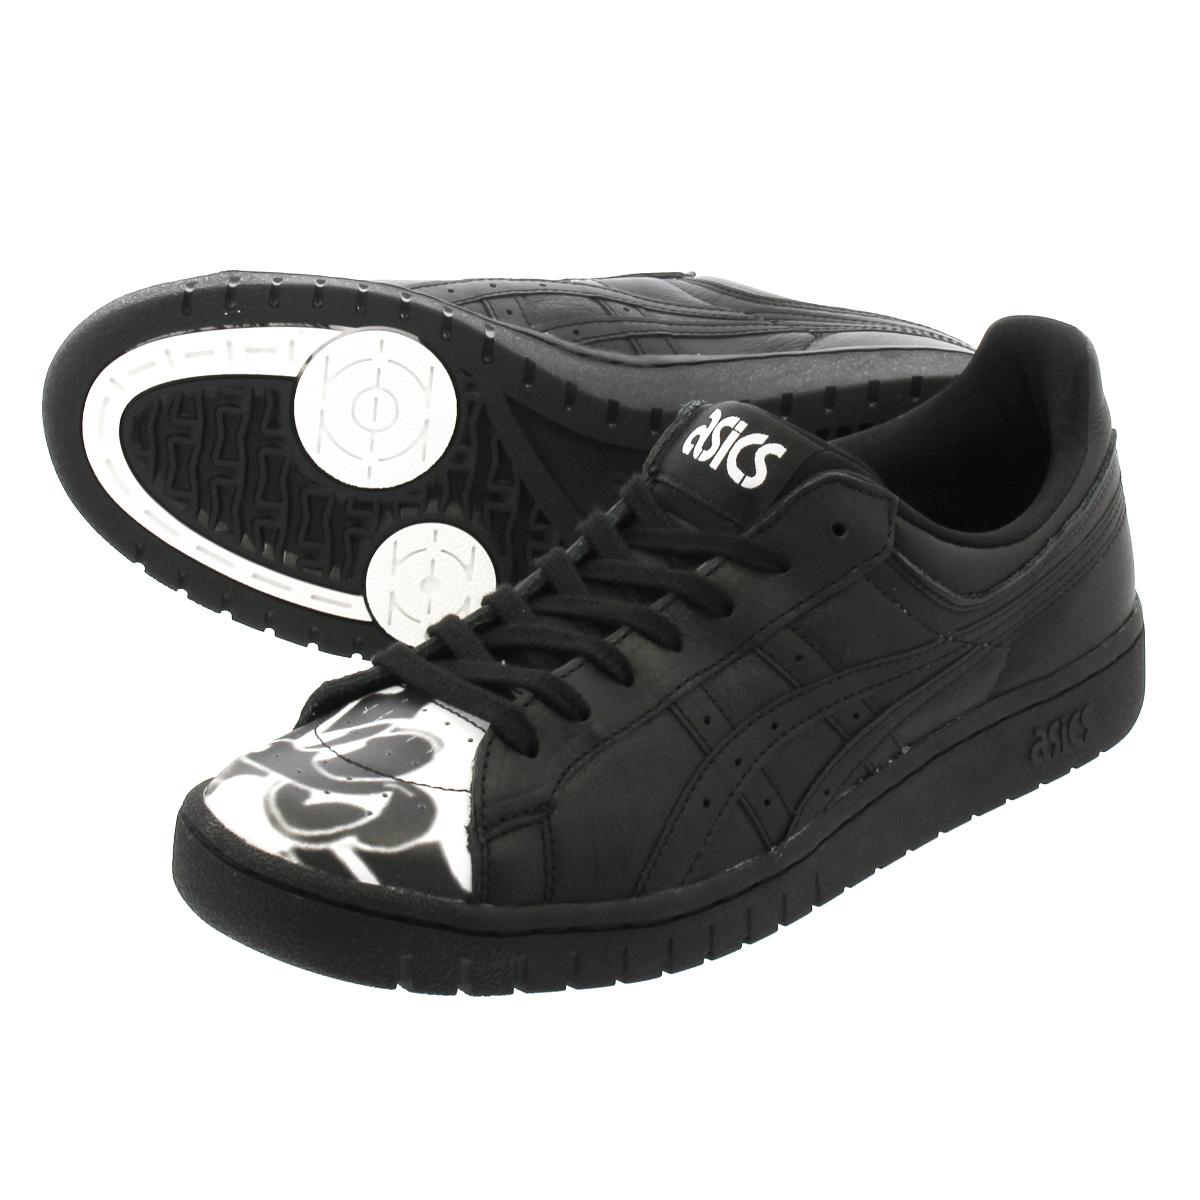 【毎日がお得!値下げプライス】 ASICS Tiger GEL-PTG 【Mickey Mouse 90th Anniversary】 アシックス ゲル PTG ミッキーマウス BLACK/BLACK 1191a070-001